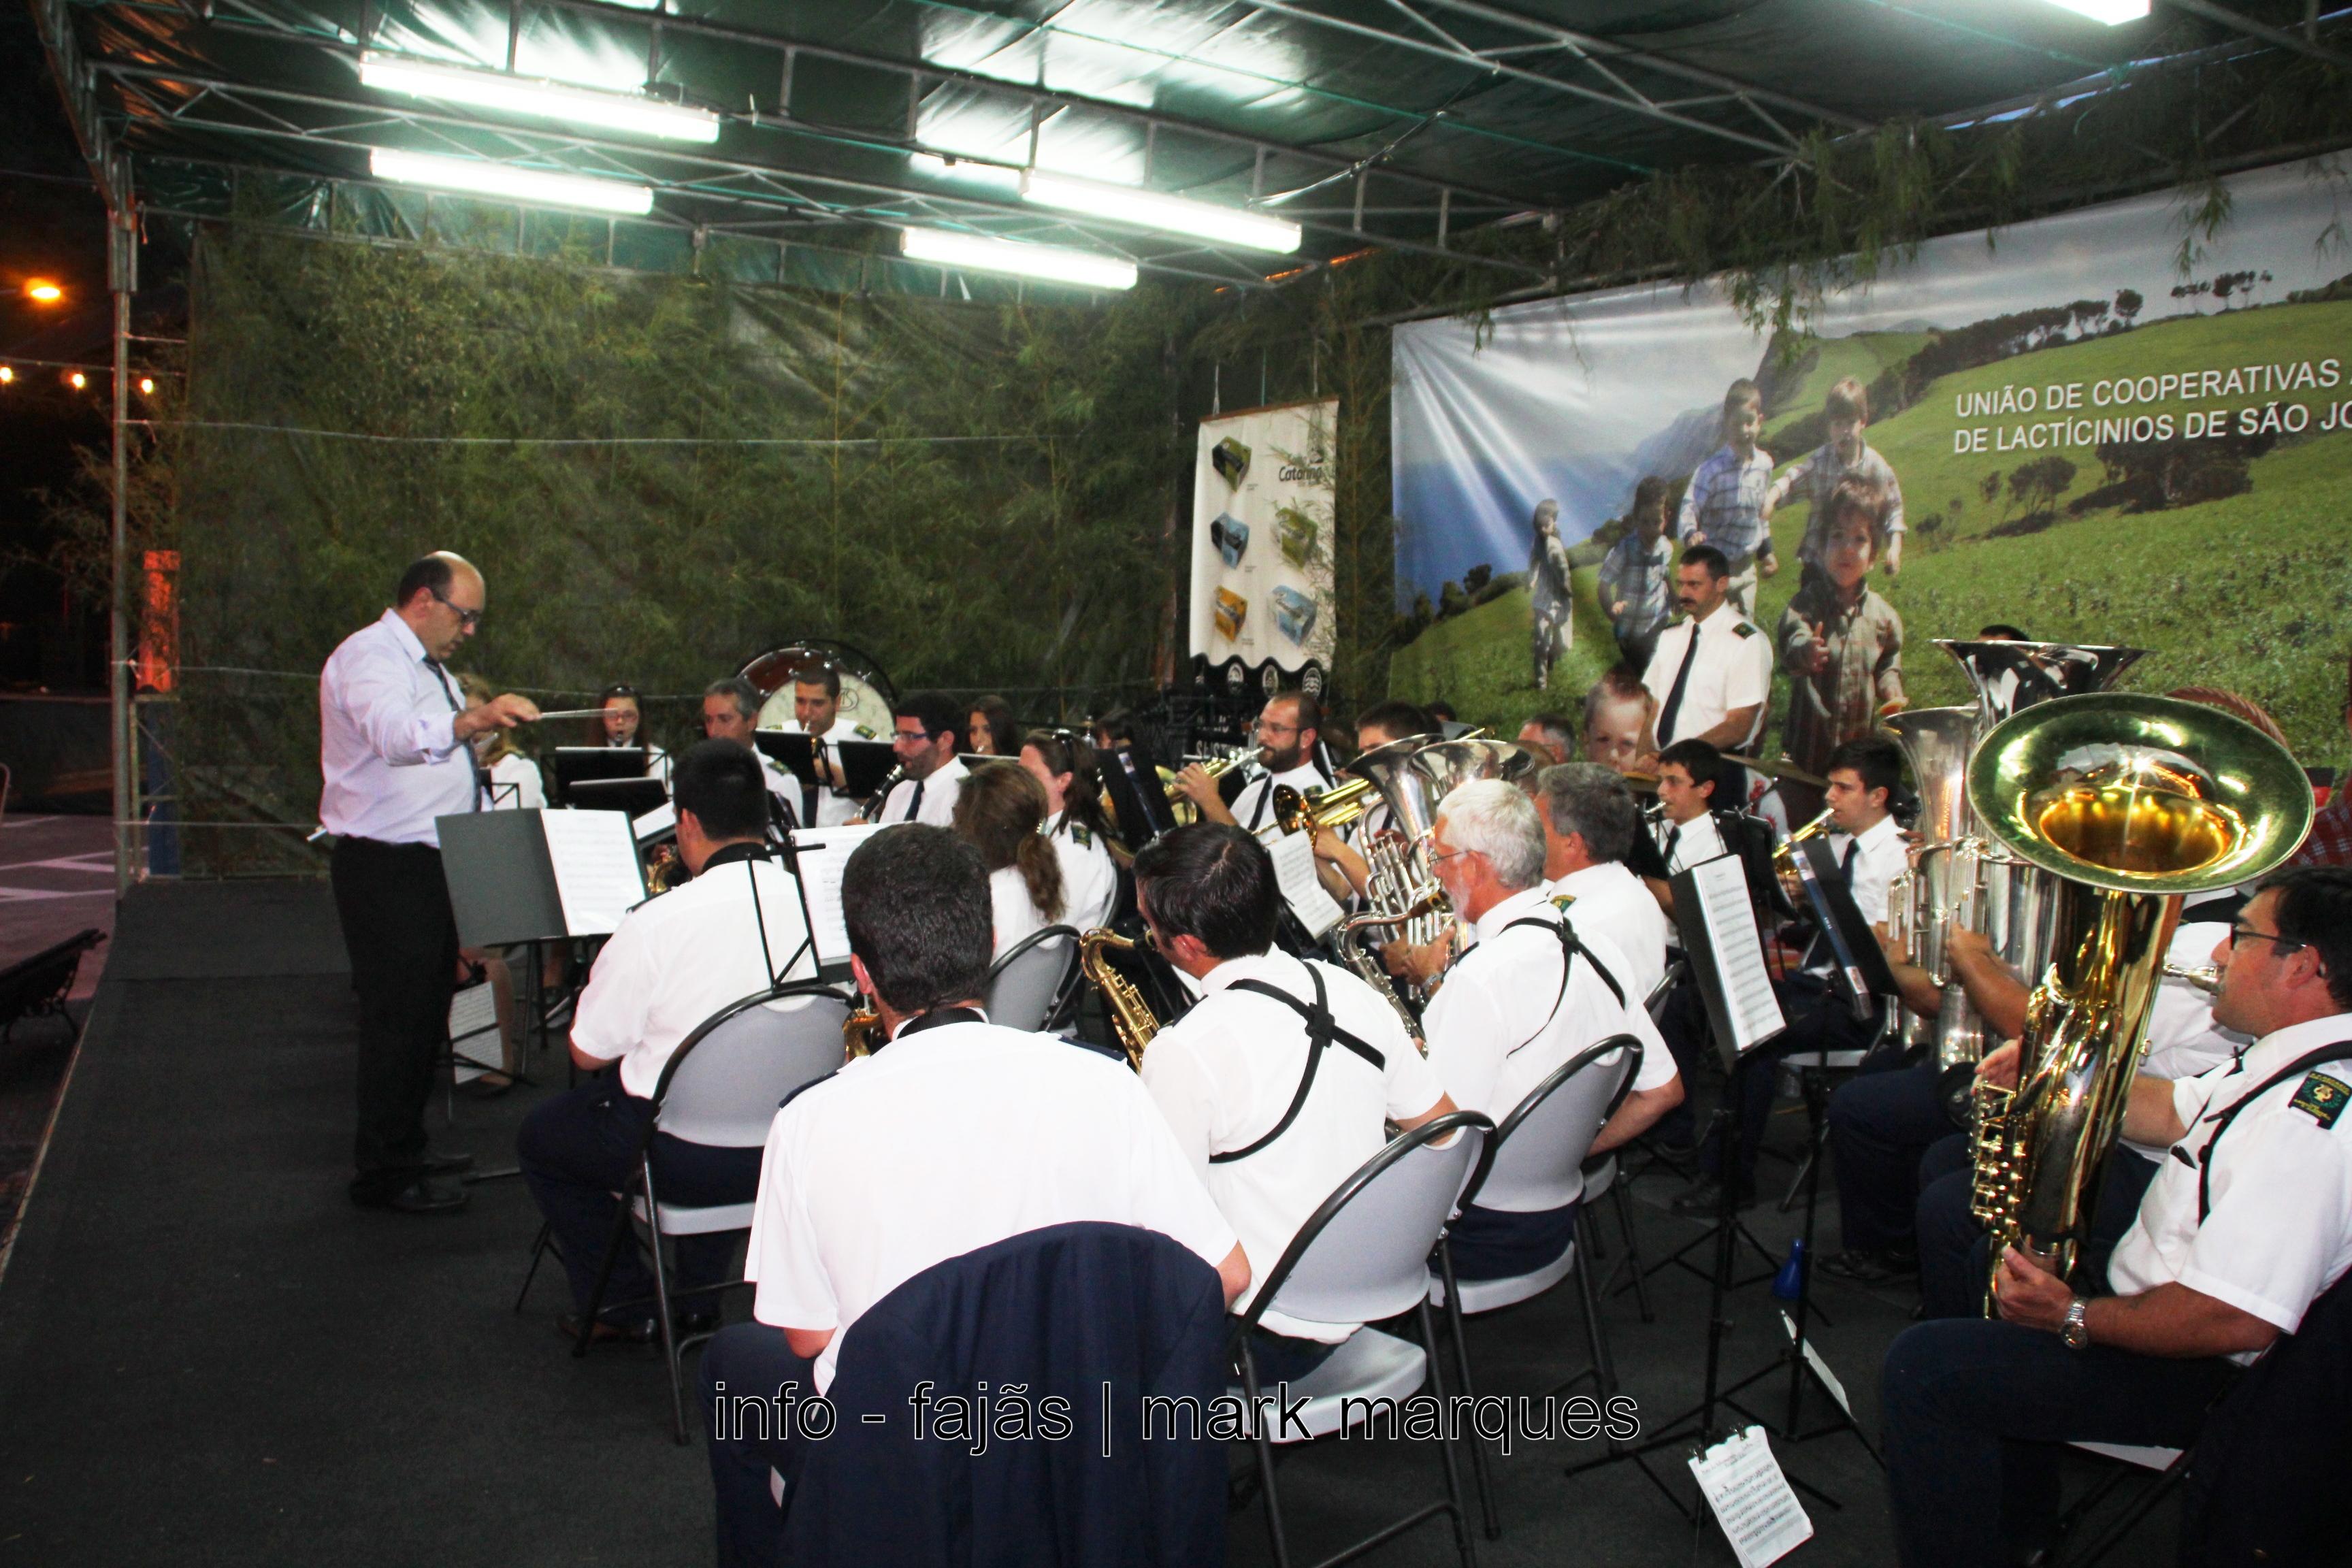 Banda Filarmónica Recreio dos Lavradores atua na Calheta, no Festival de Julho 2016. (c/vídeo)